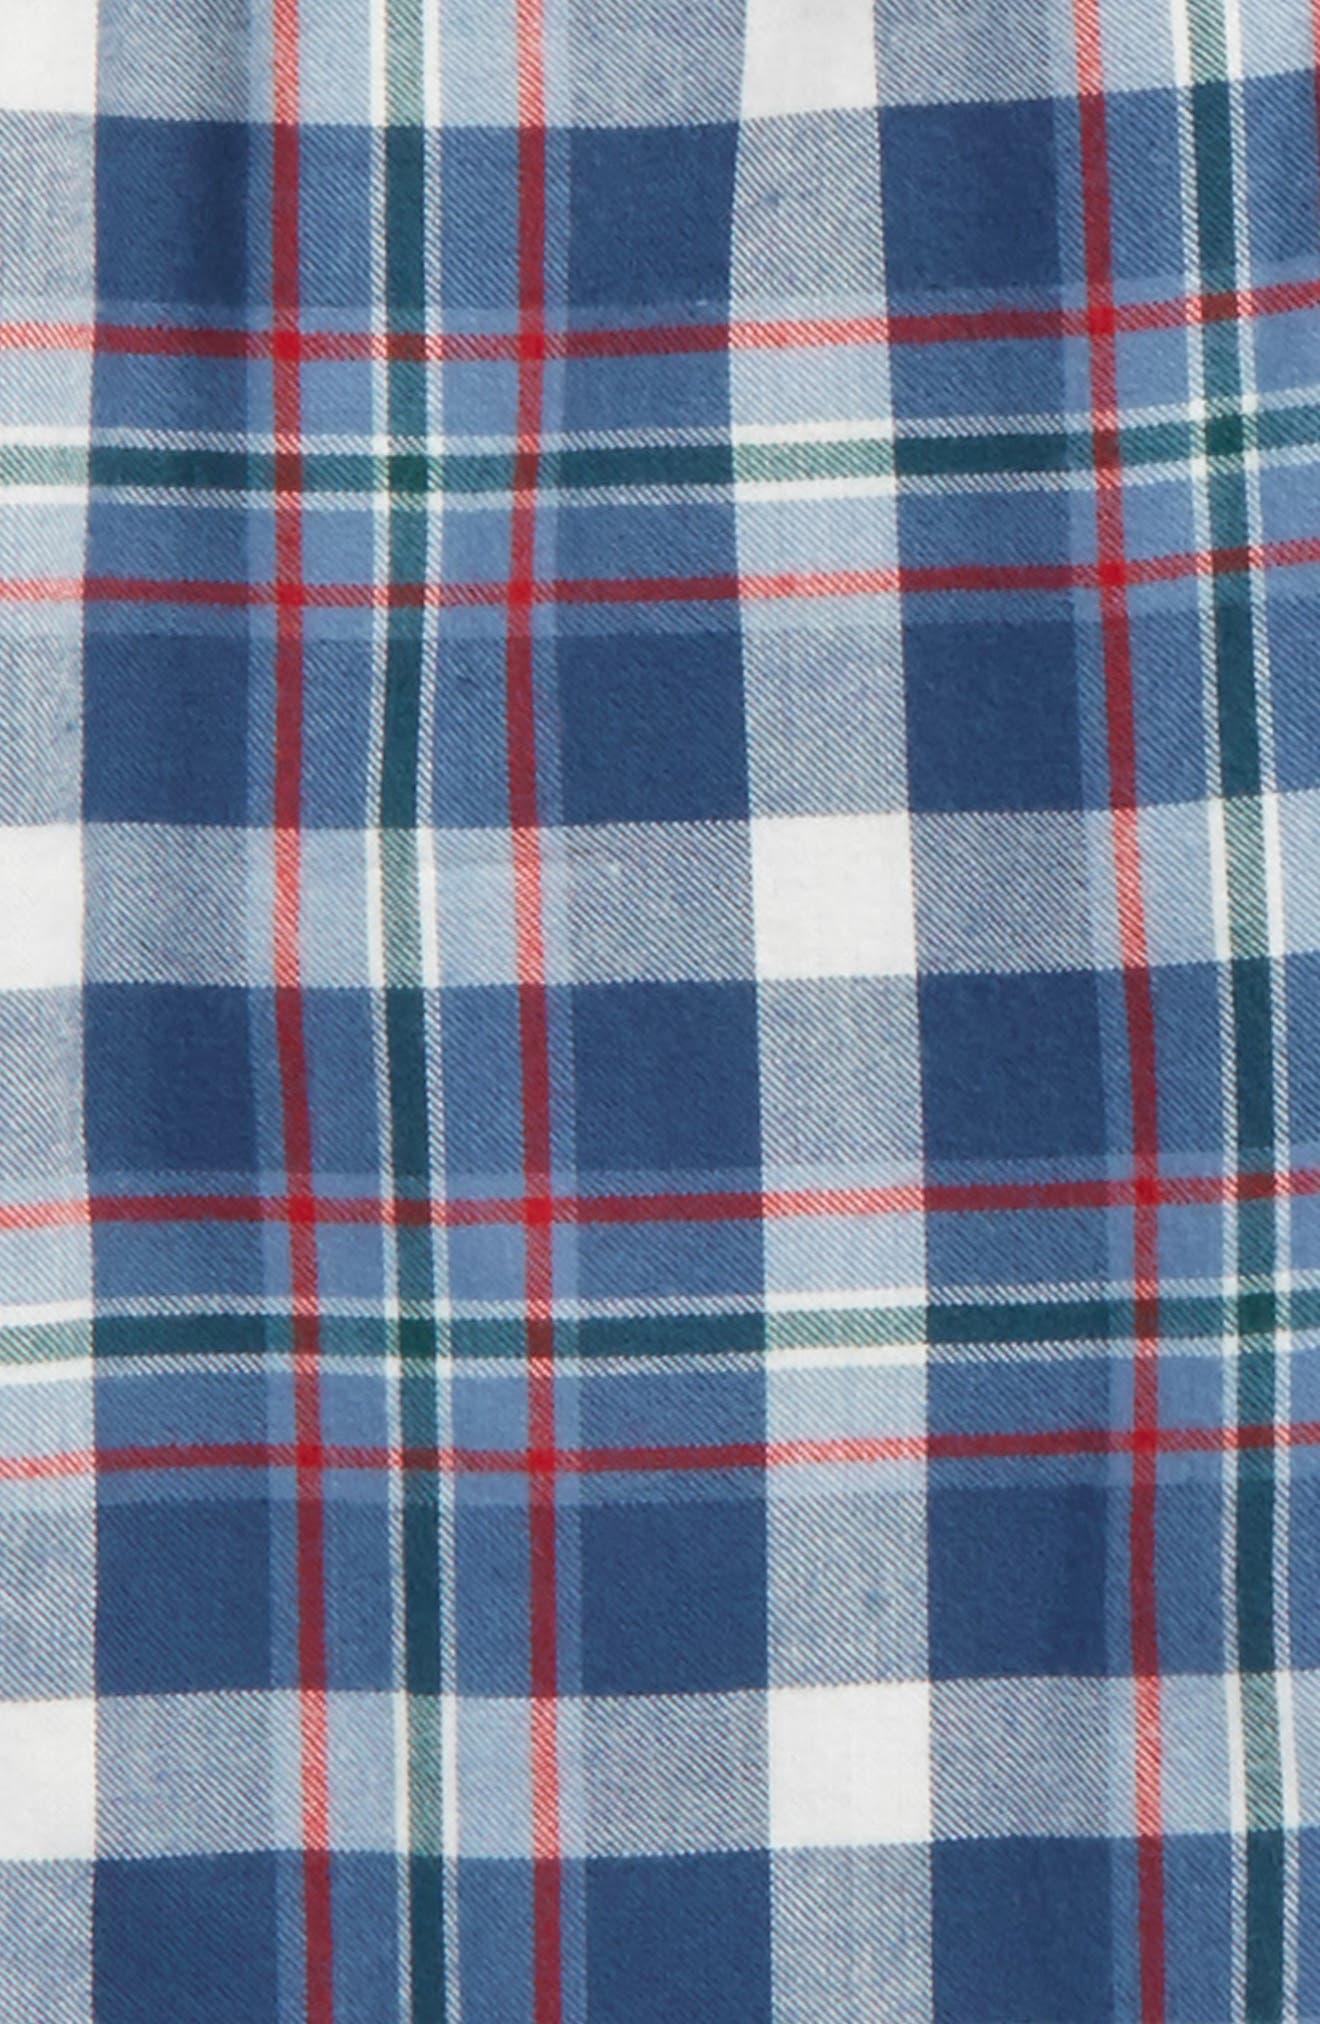 Flannel Jogger Pants,                             Alternate thumbnail 2, color,                             Navy Denim- Blue